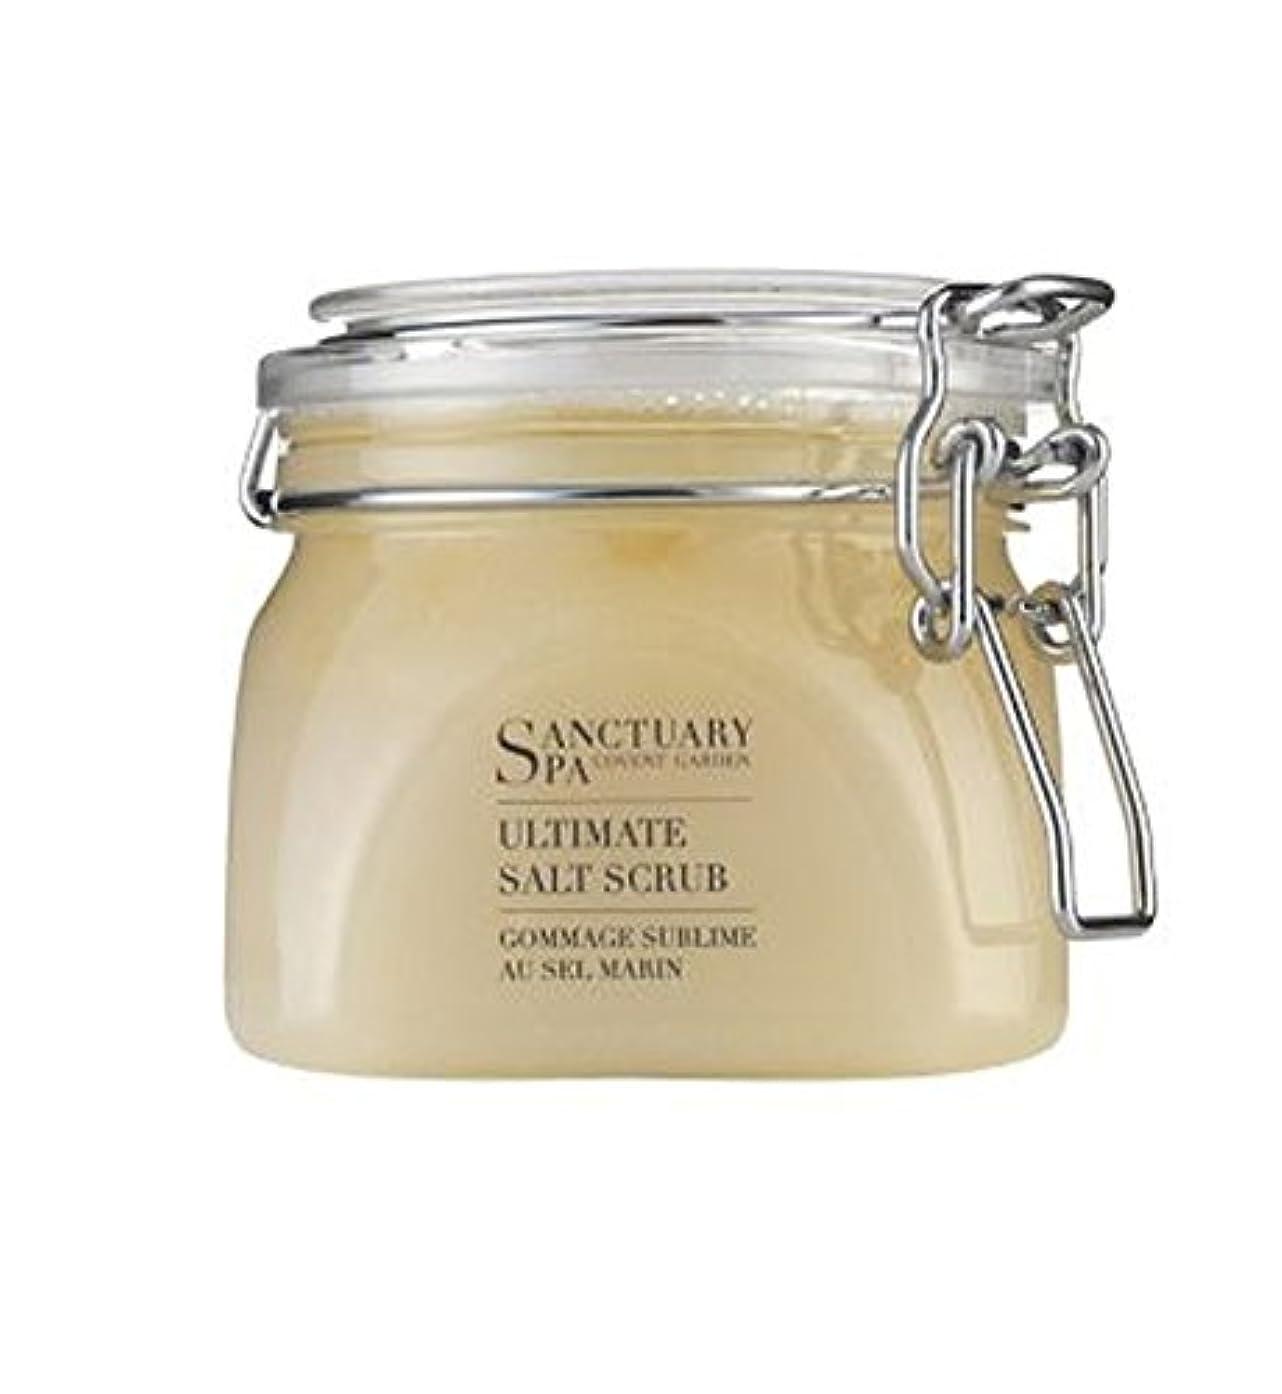 アパルバックグラウンド広告するSanctuary Salt Scrub 650g - 聖域塩スクラブ650グラム (Sanctuary) [並行輸入品]